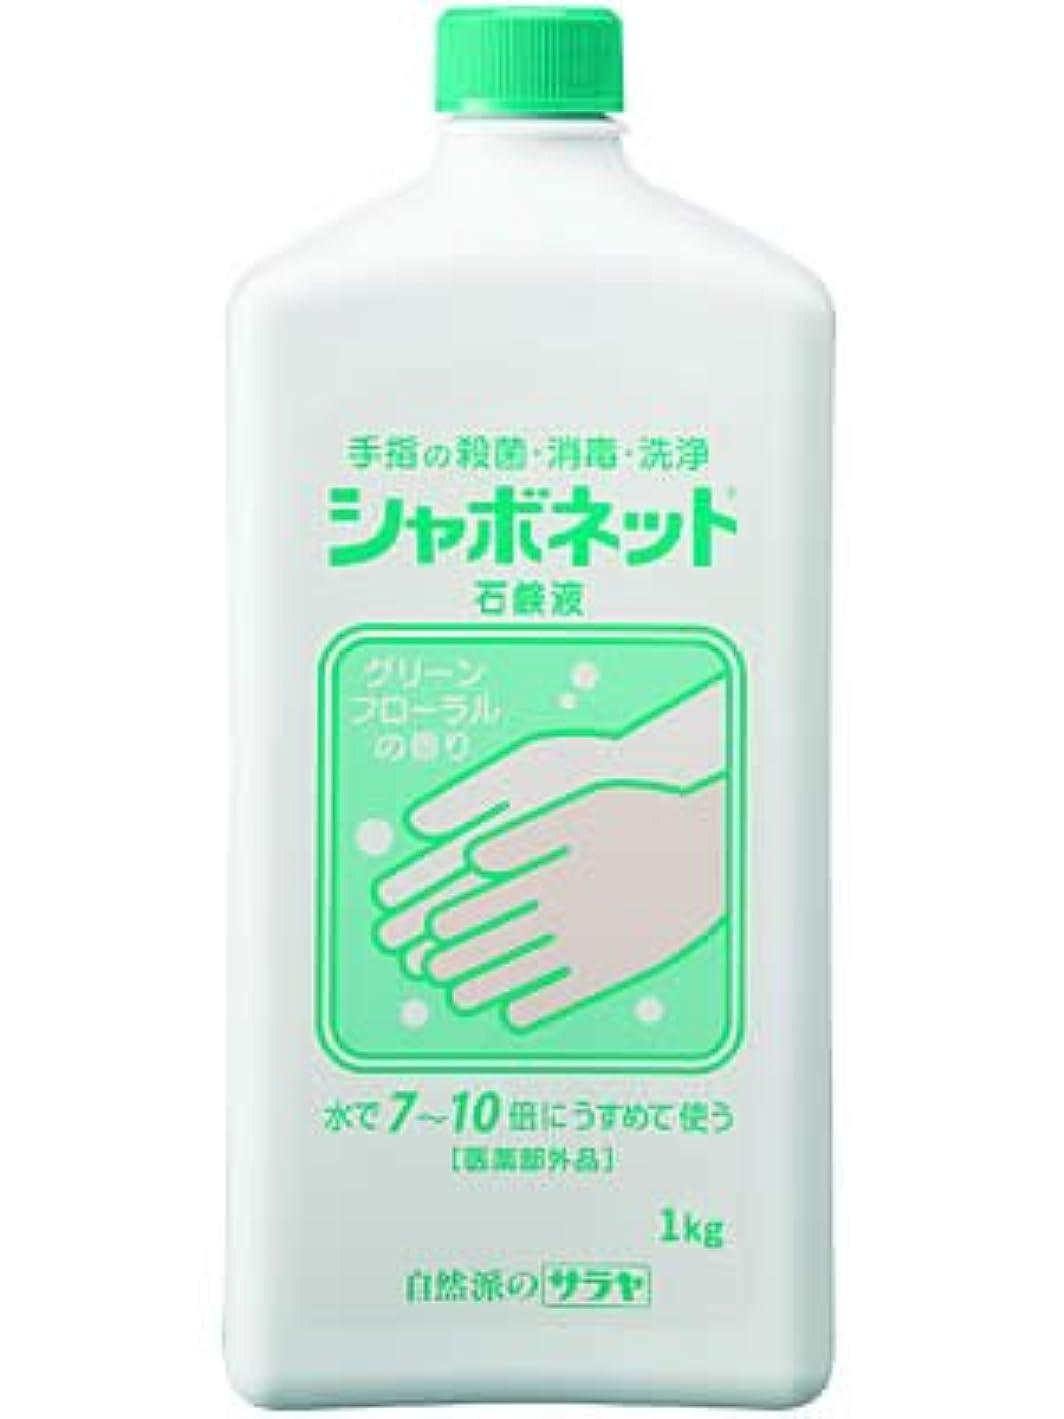 弓シリーズファランクス【サラヤ】シャボネット 石鹸液 1kg ×5個セット